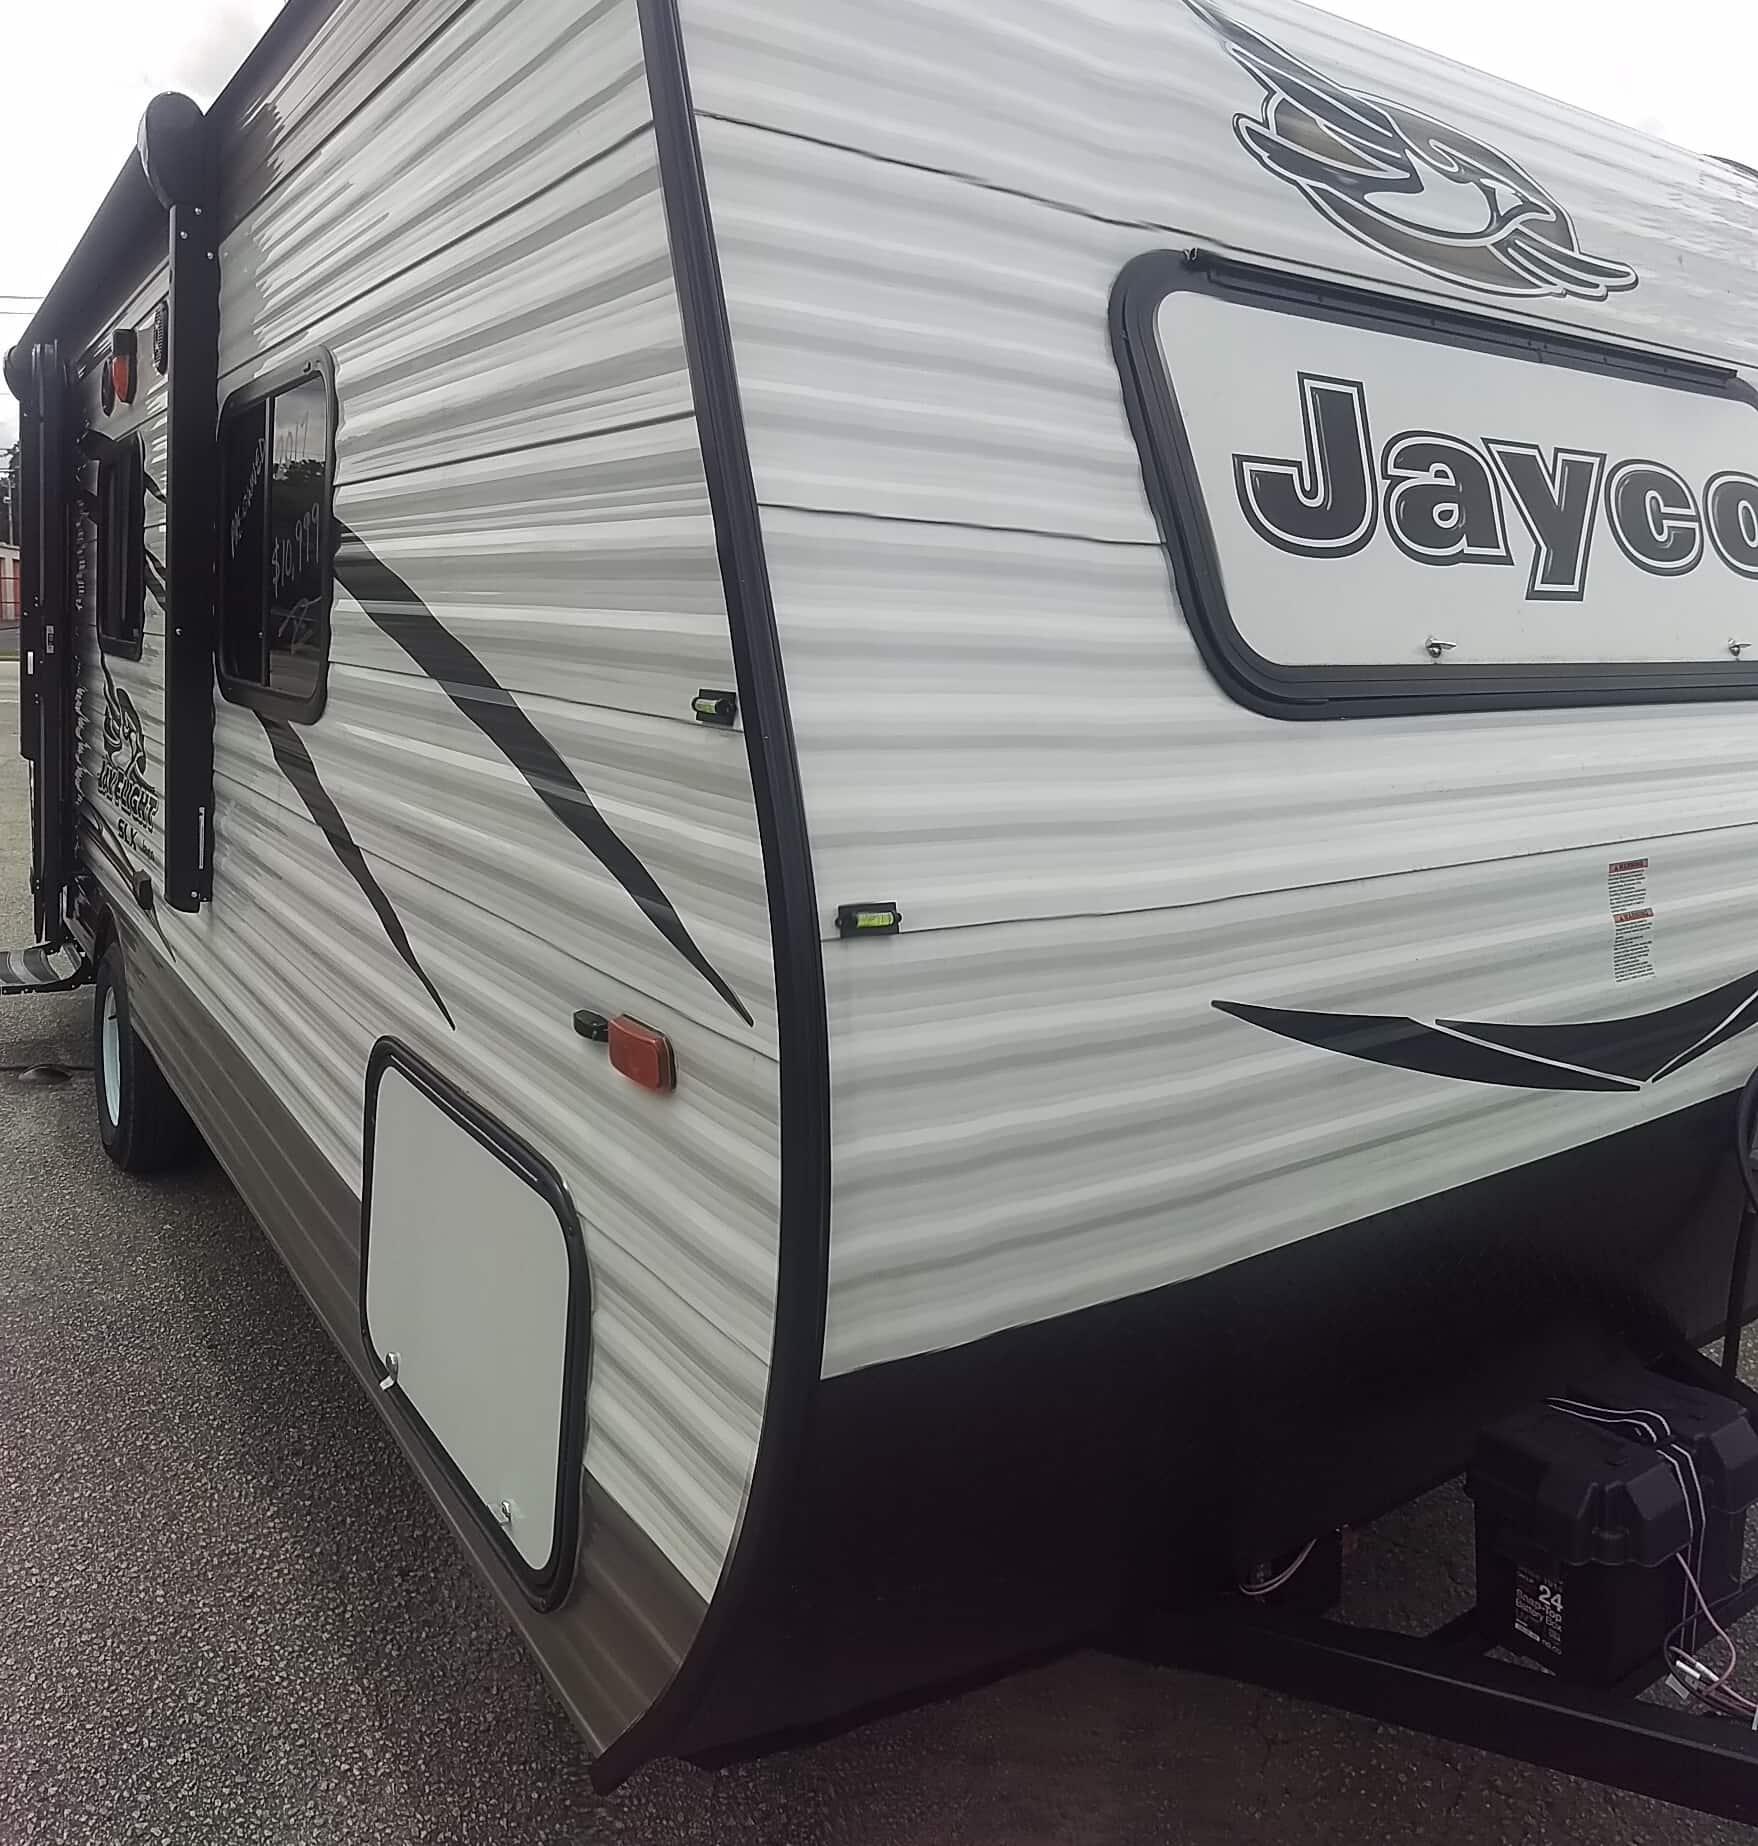 USED 2017 Jayco Jay Flight SLX 195RB